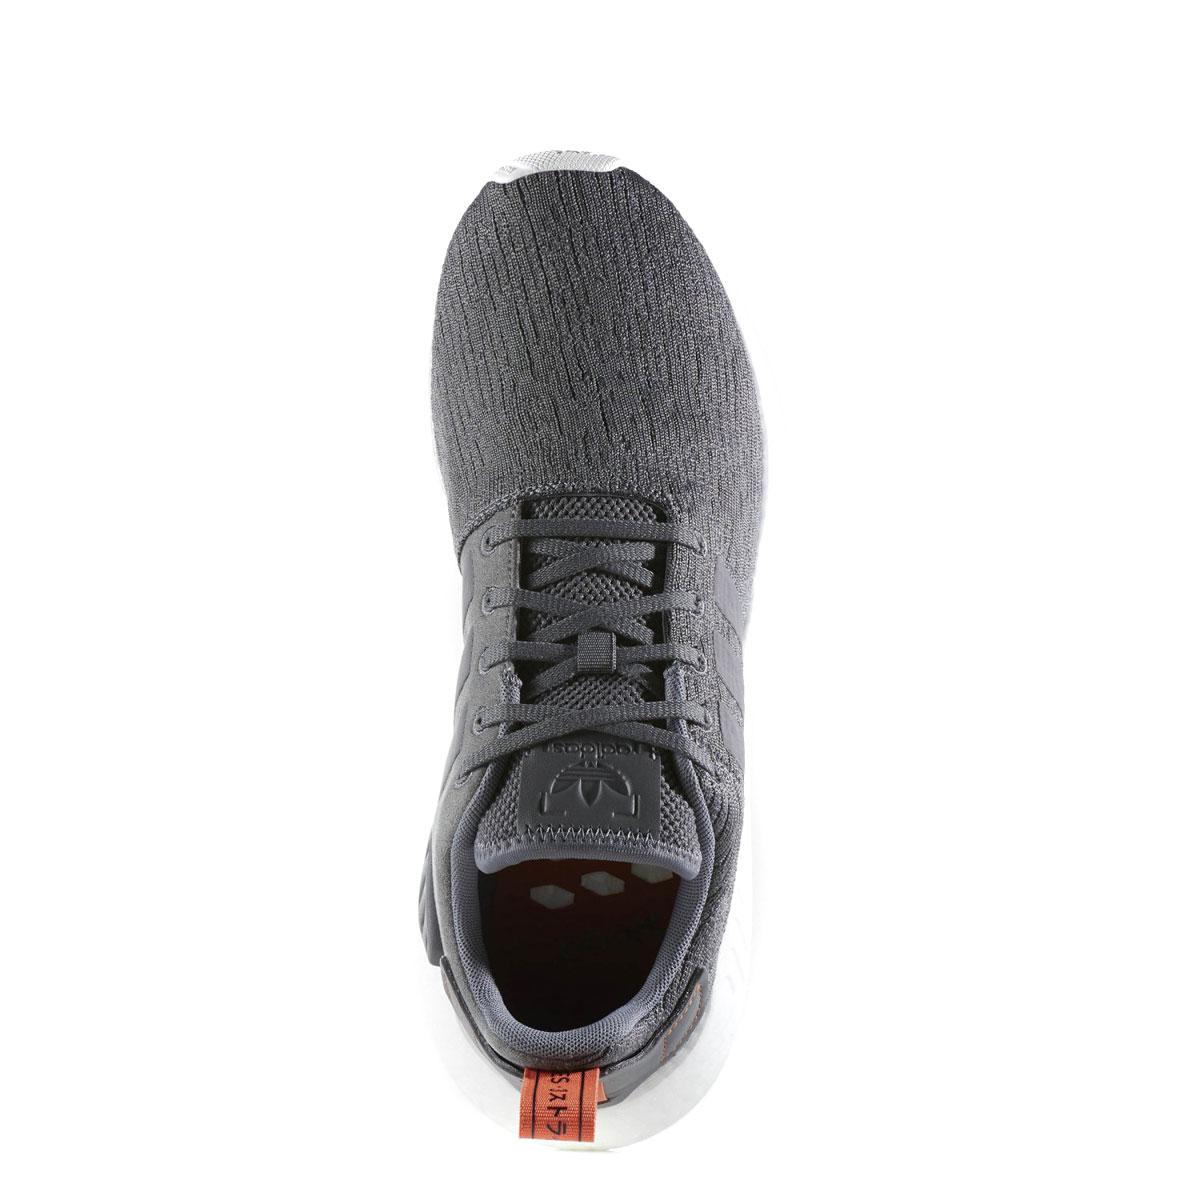 buy popular d54bf e6634 adidas Originals NMD_R2 (Adidas originals N M D R2) Grey Five/Grey Five  17FW-I